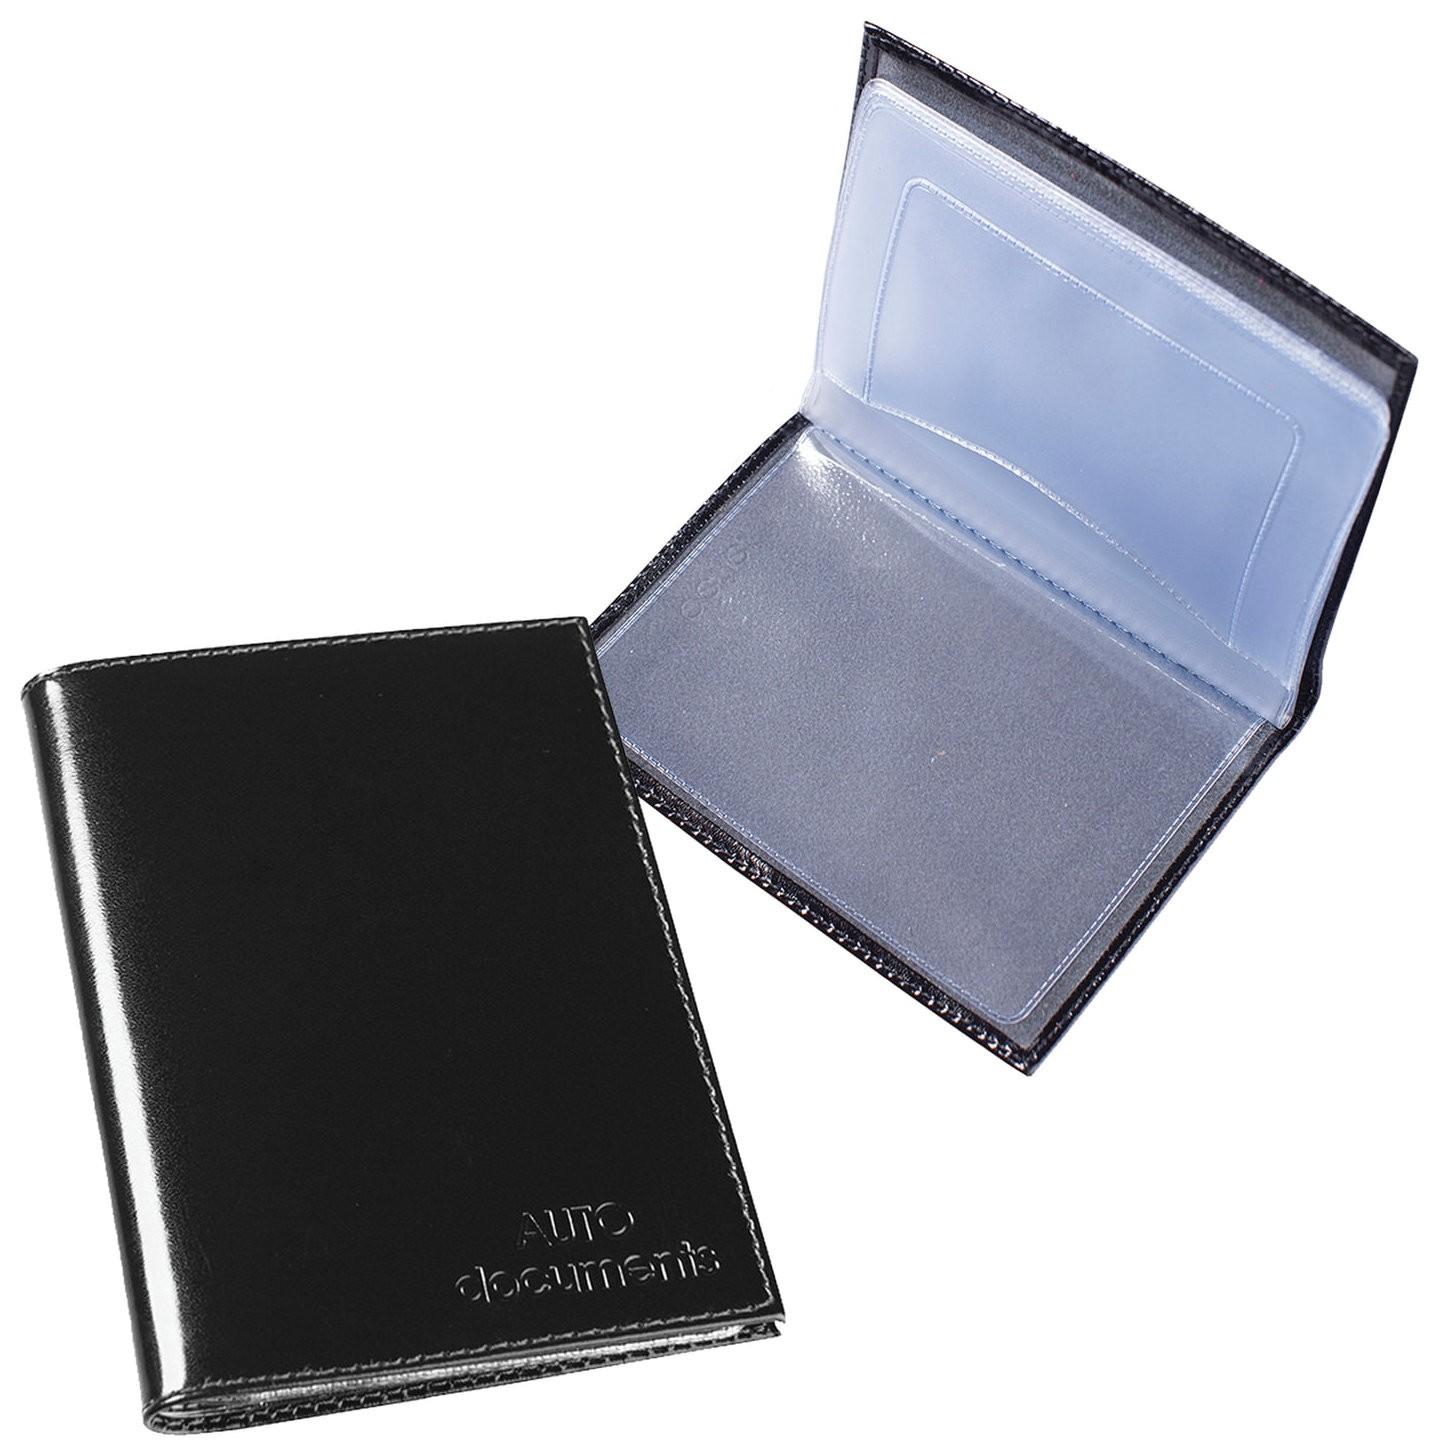 """Бумажник водителя Befler """"Classic"""", натуральная кожа, тиснение, 6 пластиковых карманов, черный   Befler"""